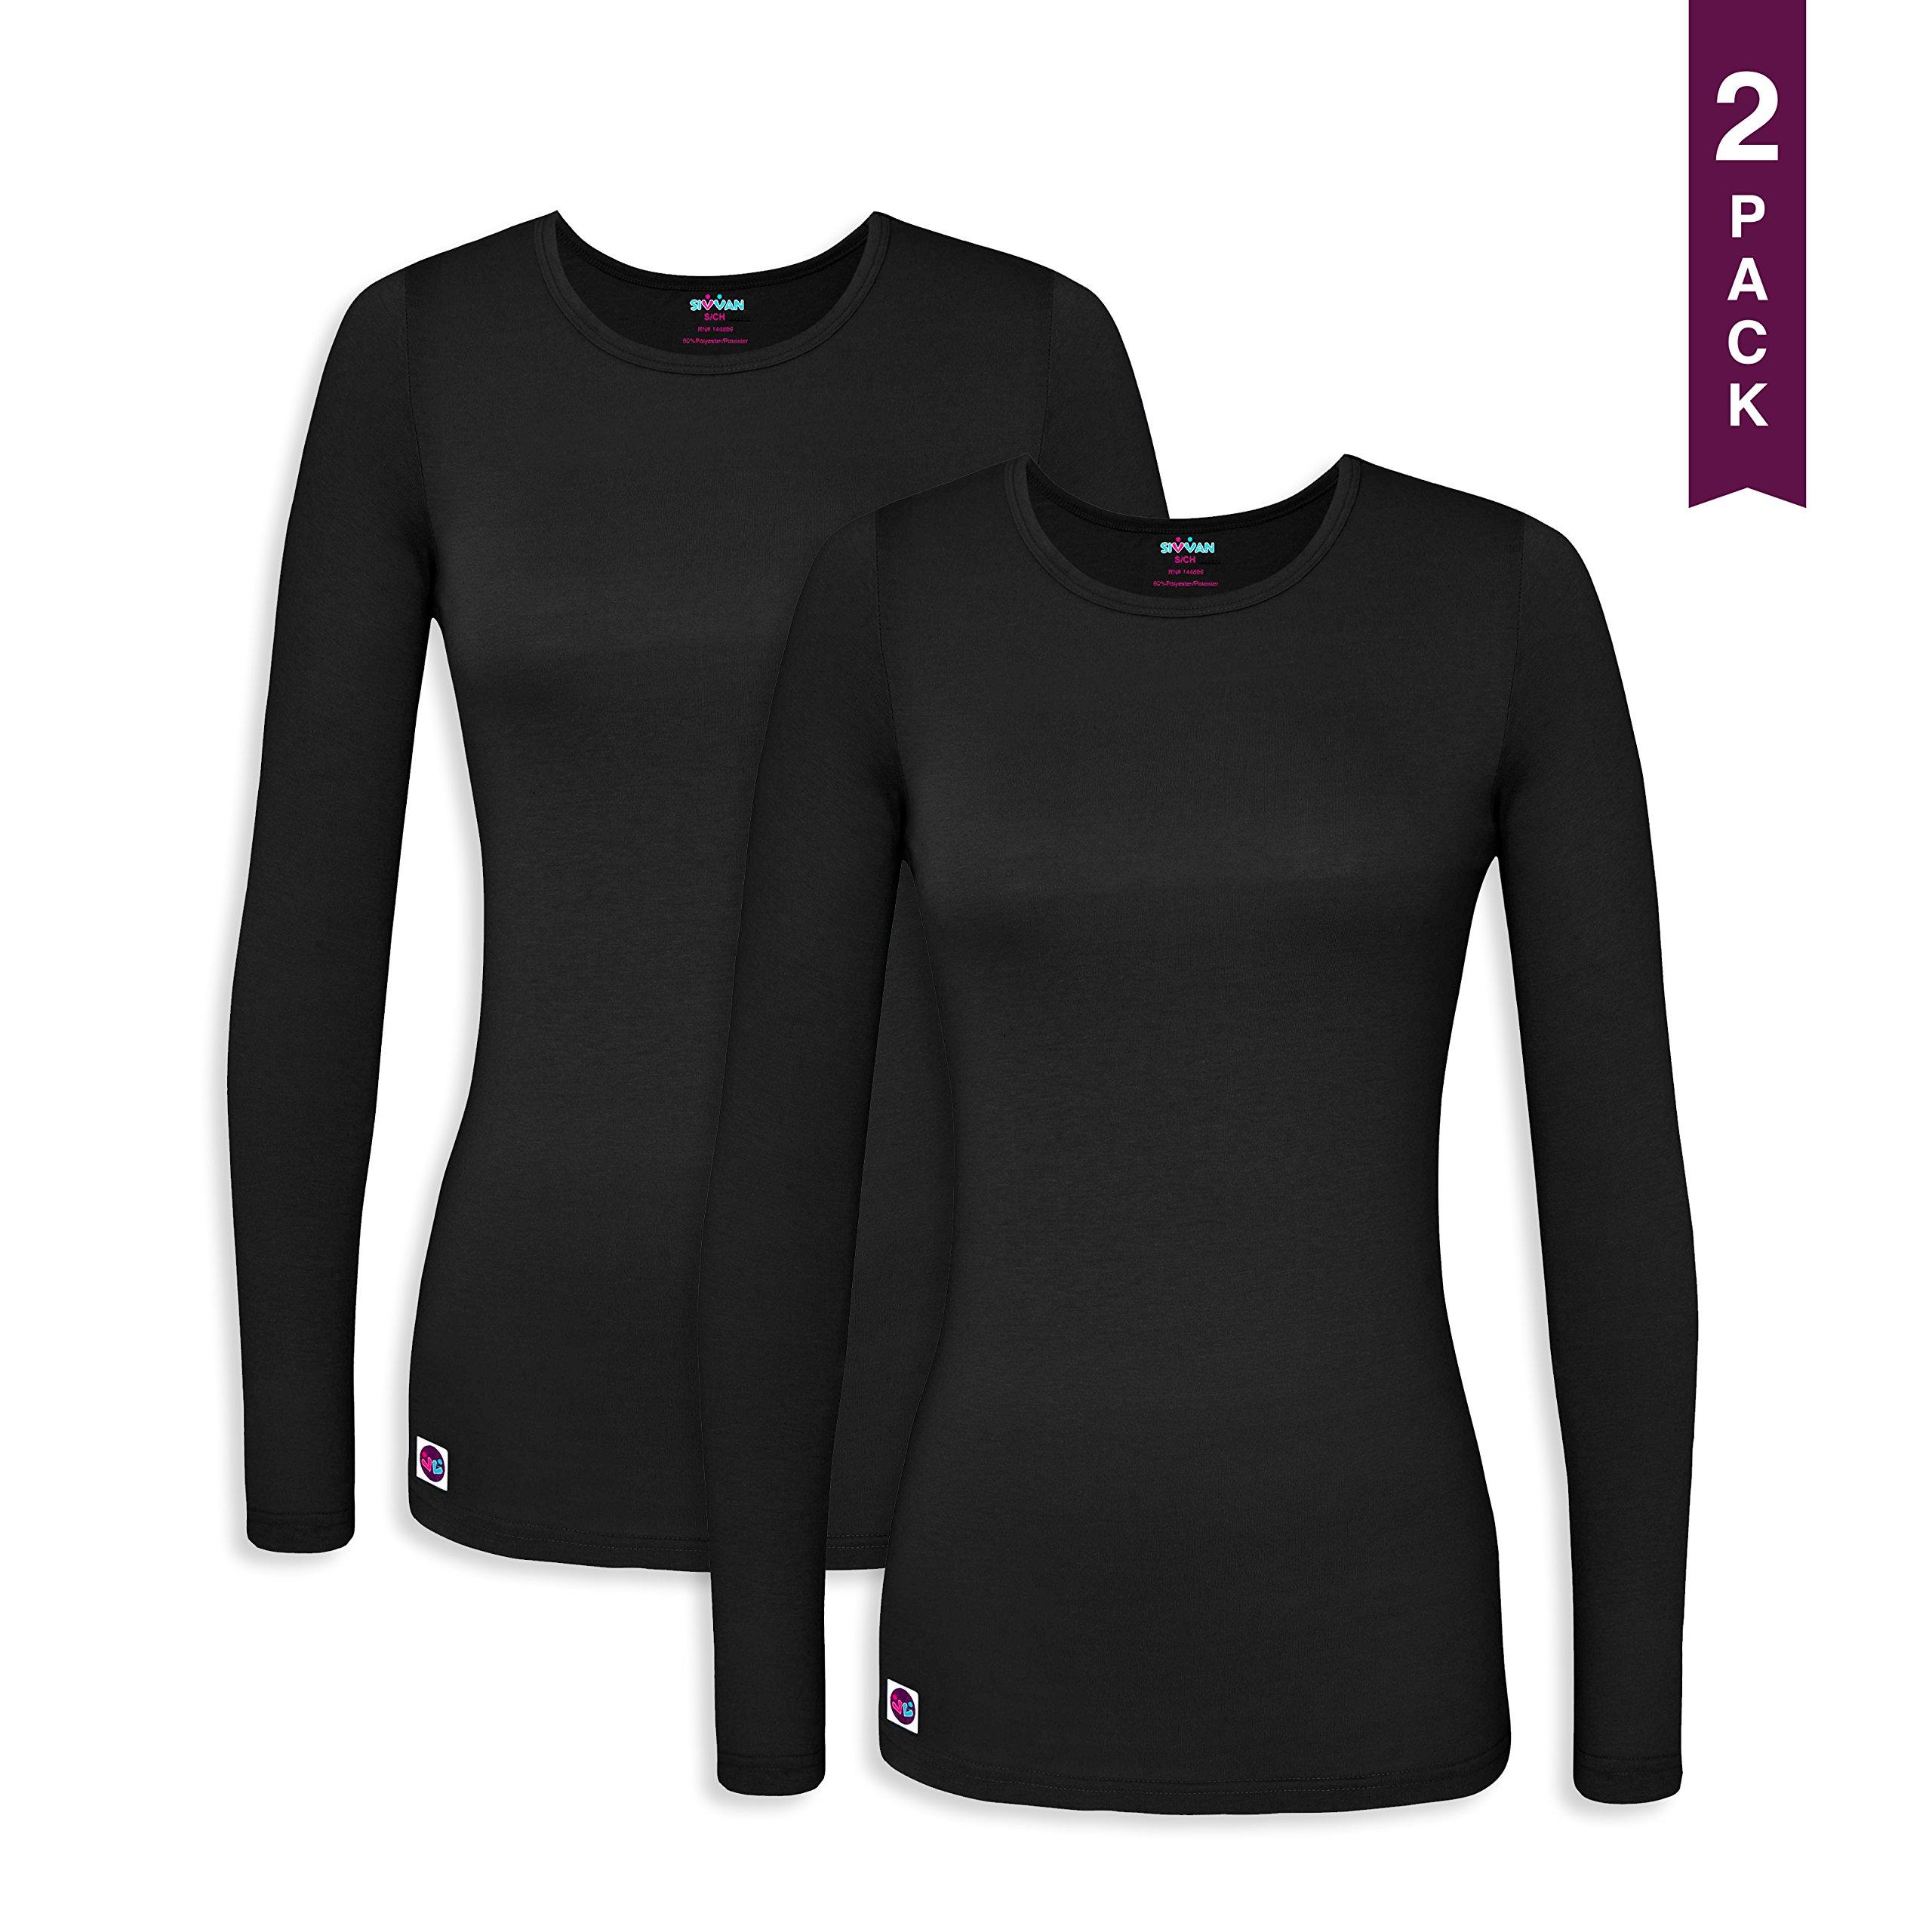 Sivvan 2 Pack Women's Comfort Long Sleeve T-Shirt / Underscrub Tee - S8500-2 - BLK - M